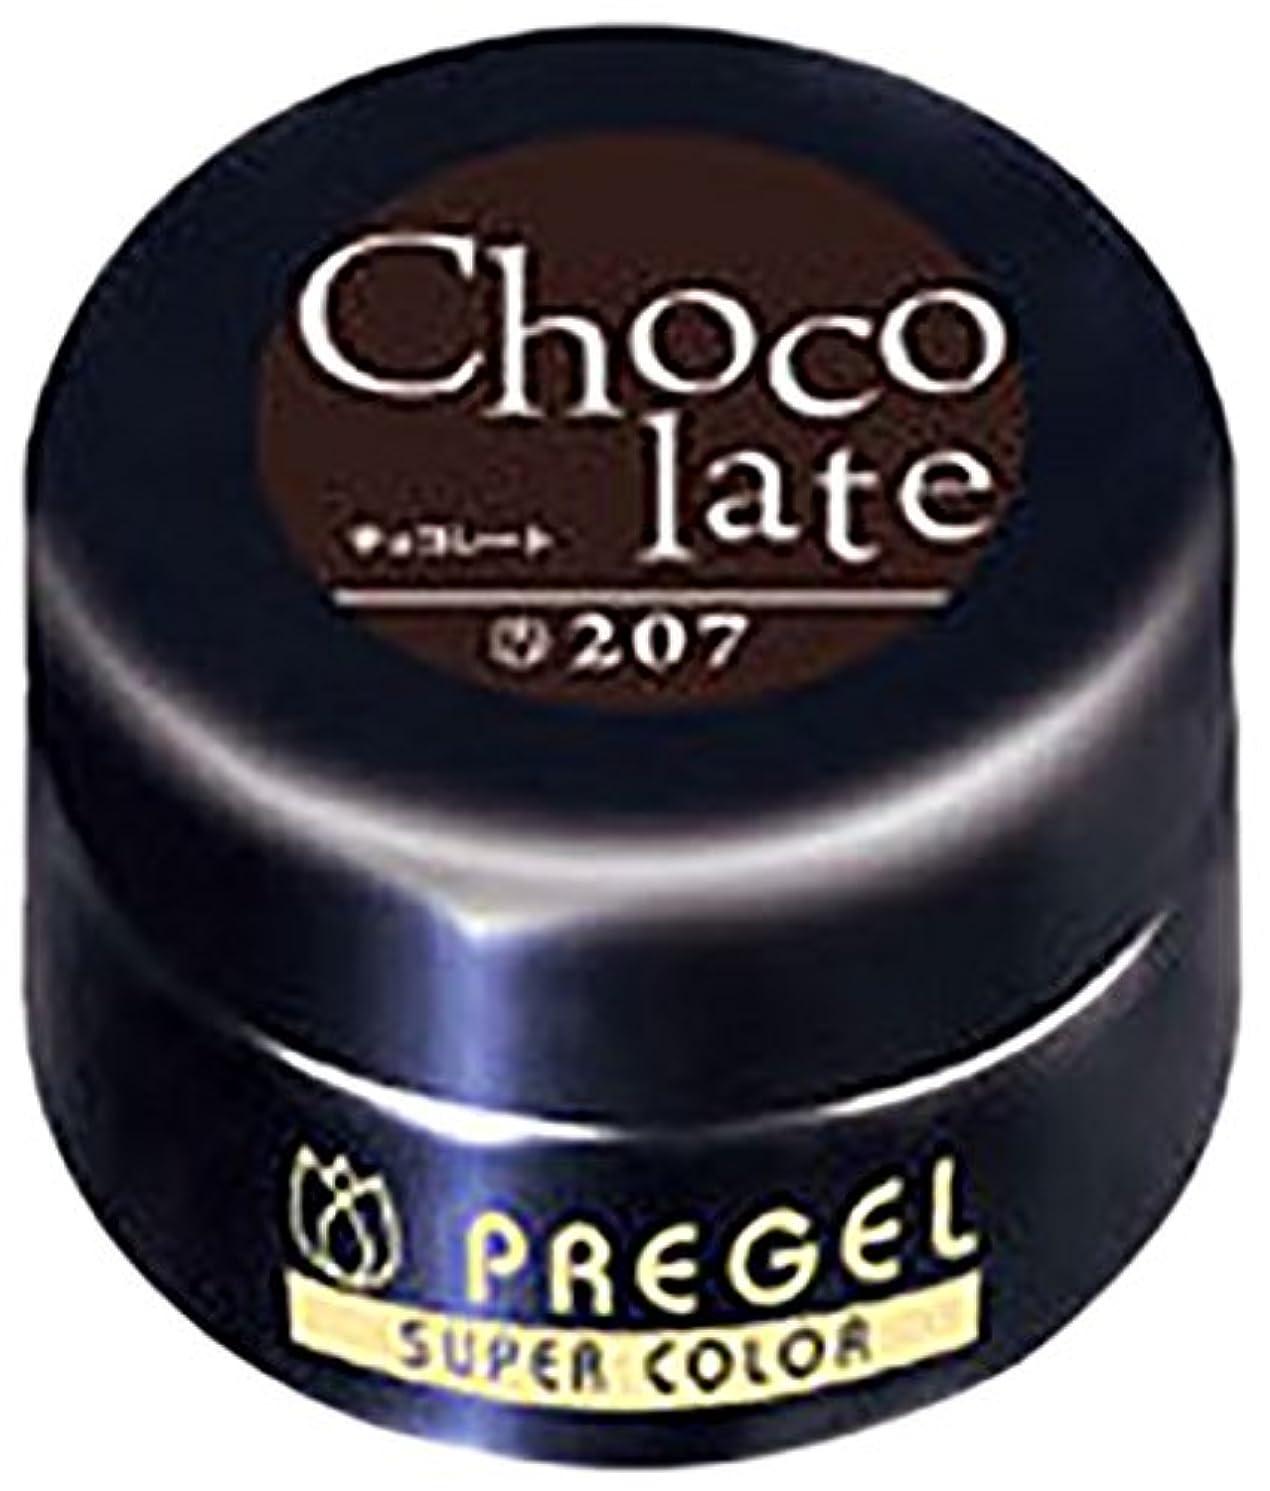 卵裏切り者演じるプリジェル ジェルネイル スーパーカラーEX チョコレート 4g PG-SE207